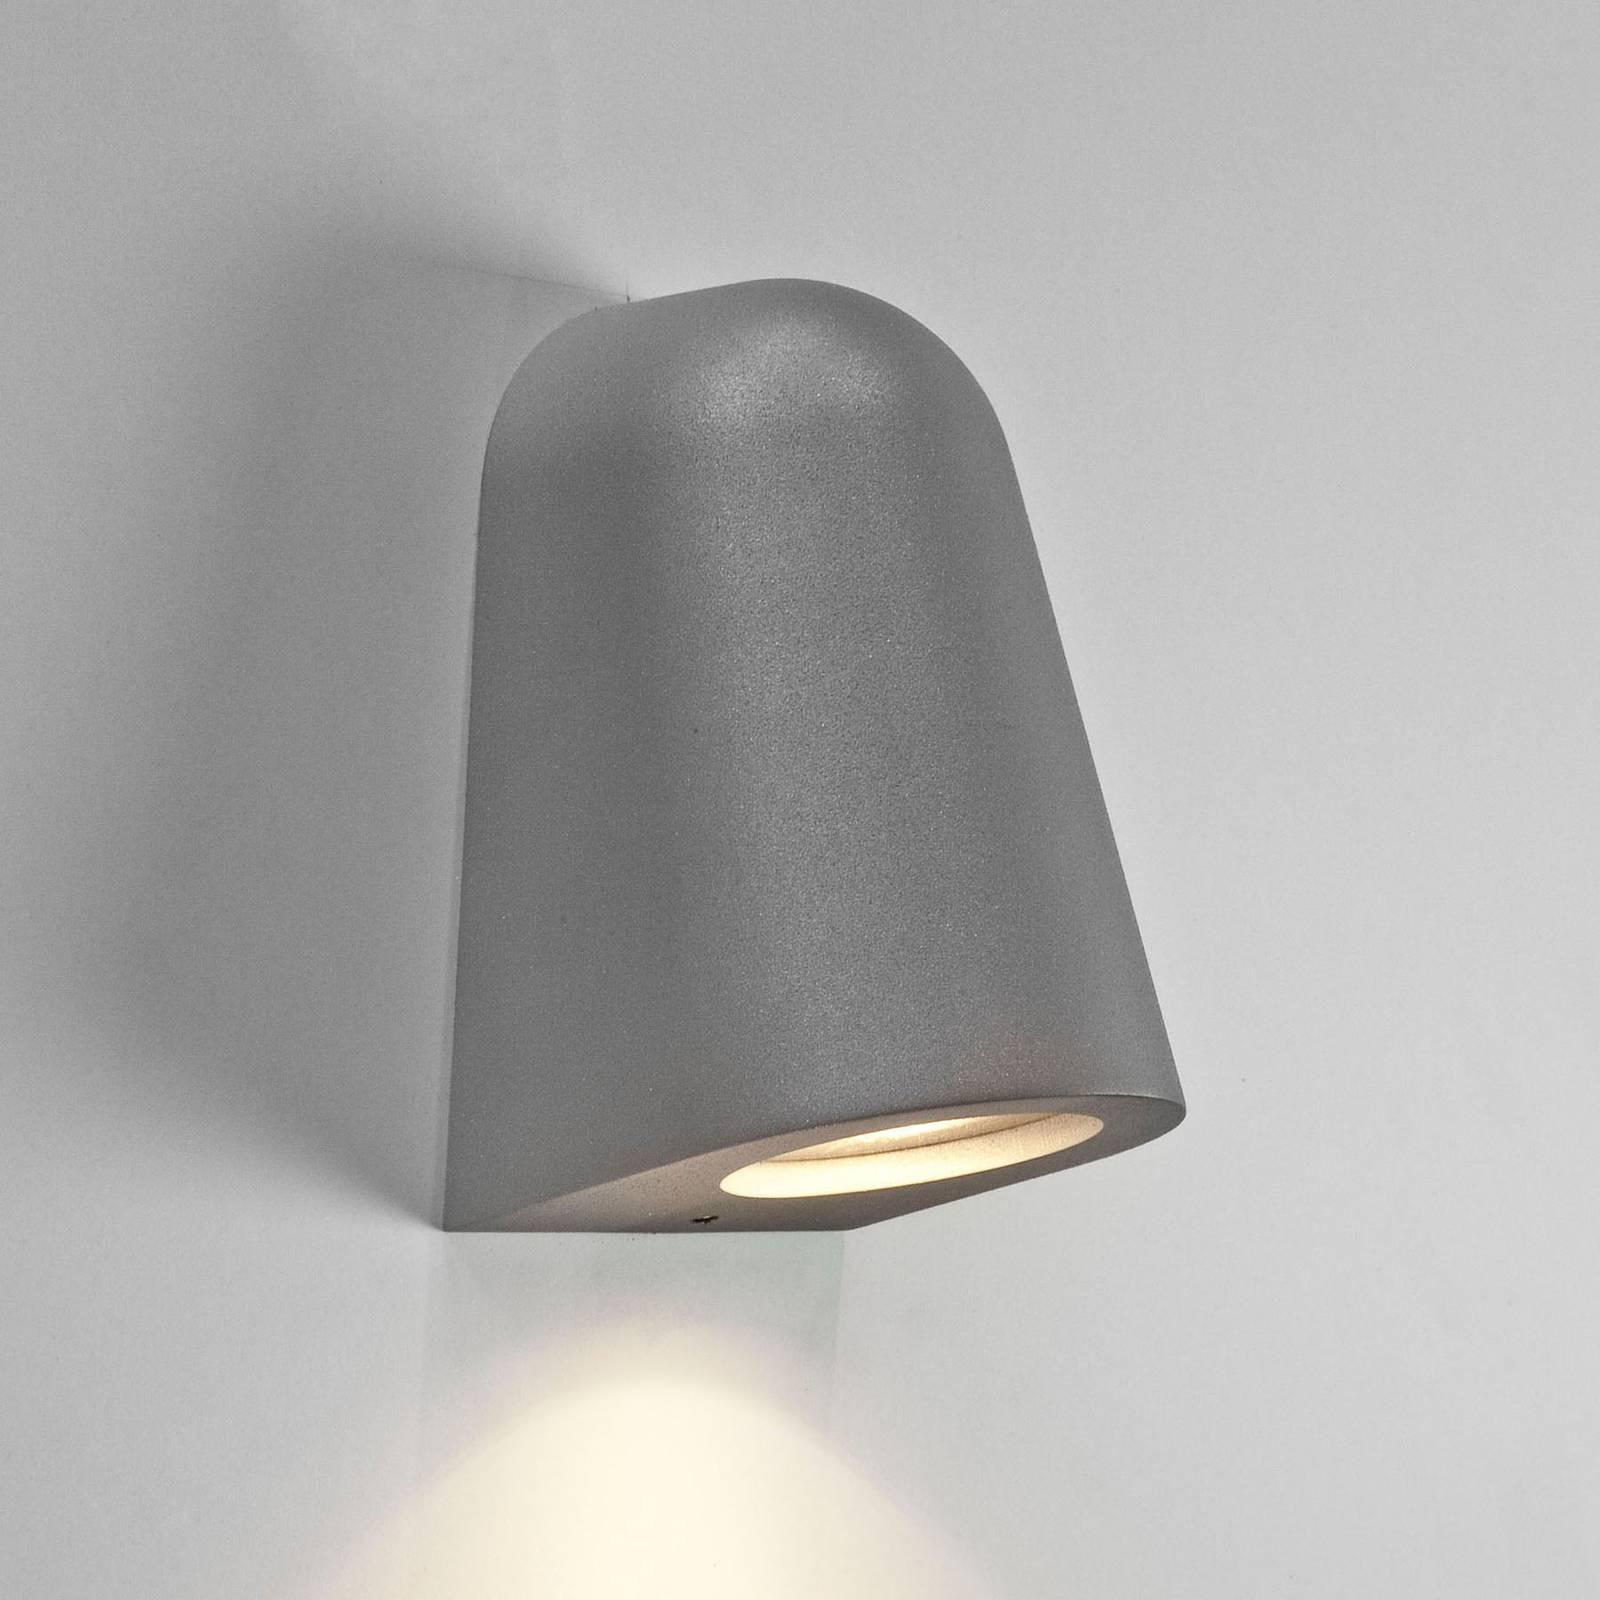 Astro Mast Light Außenwandleuchte grau